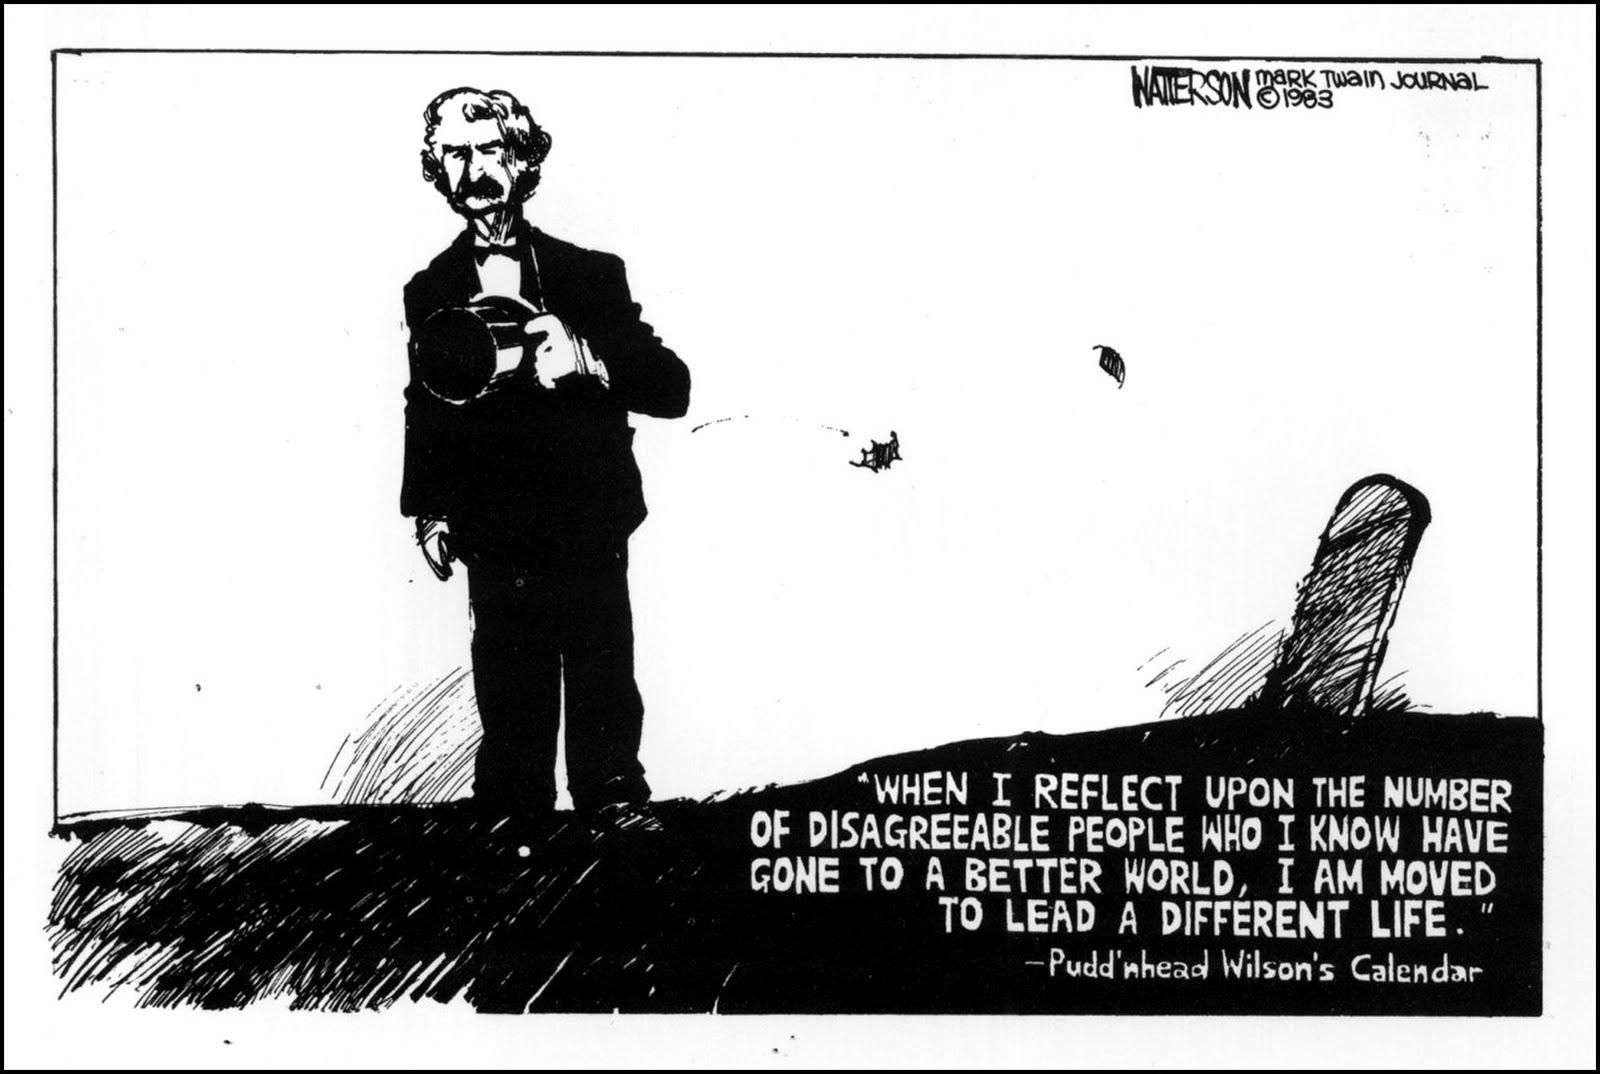 Bill Watterson's quote